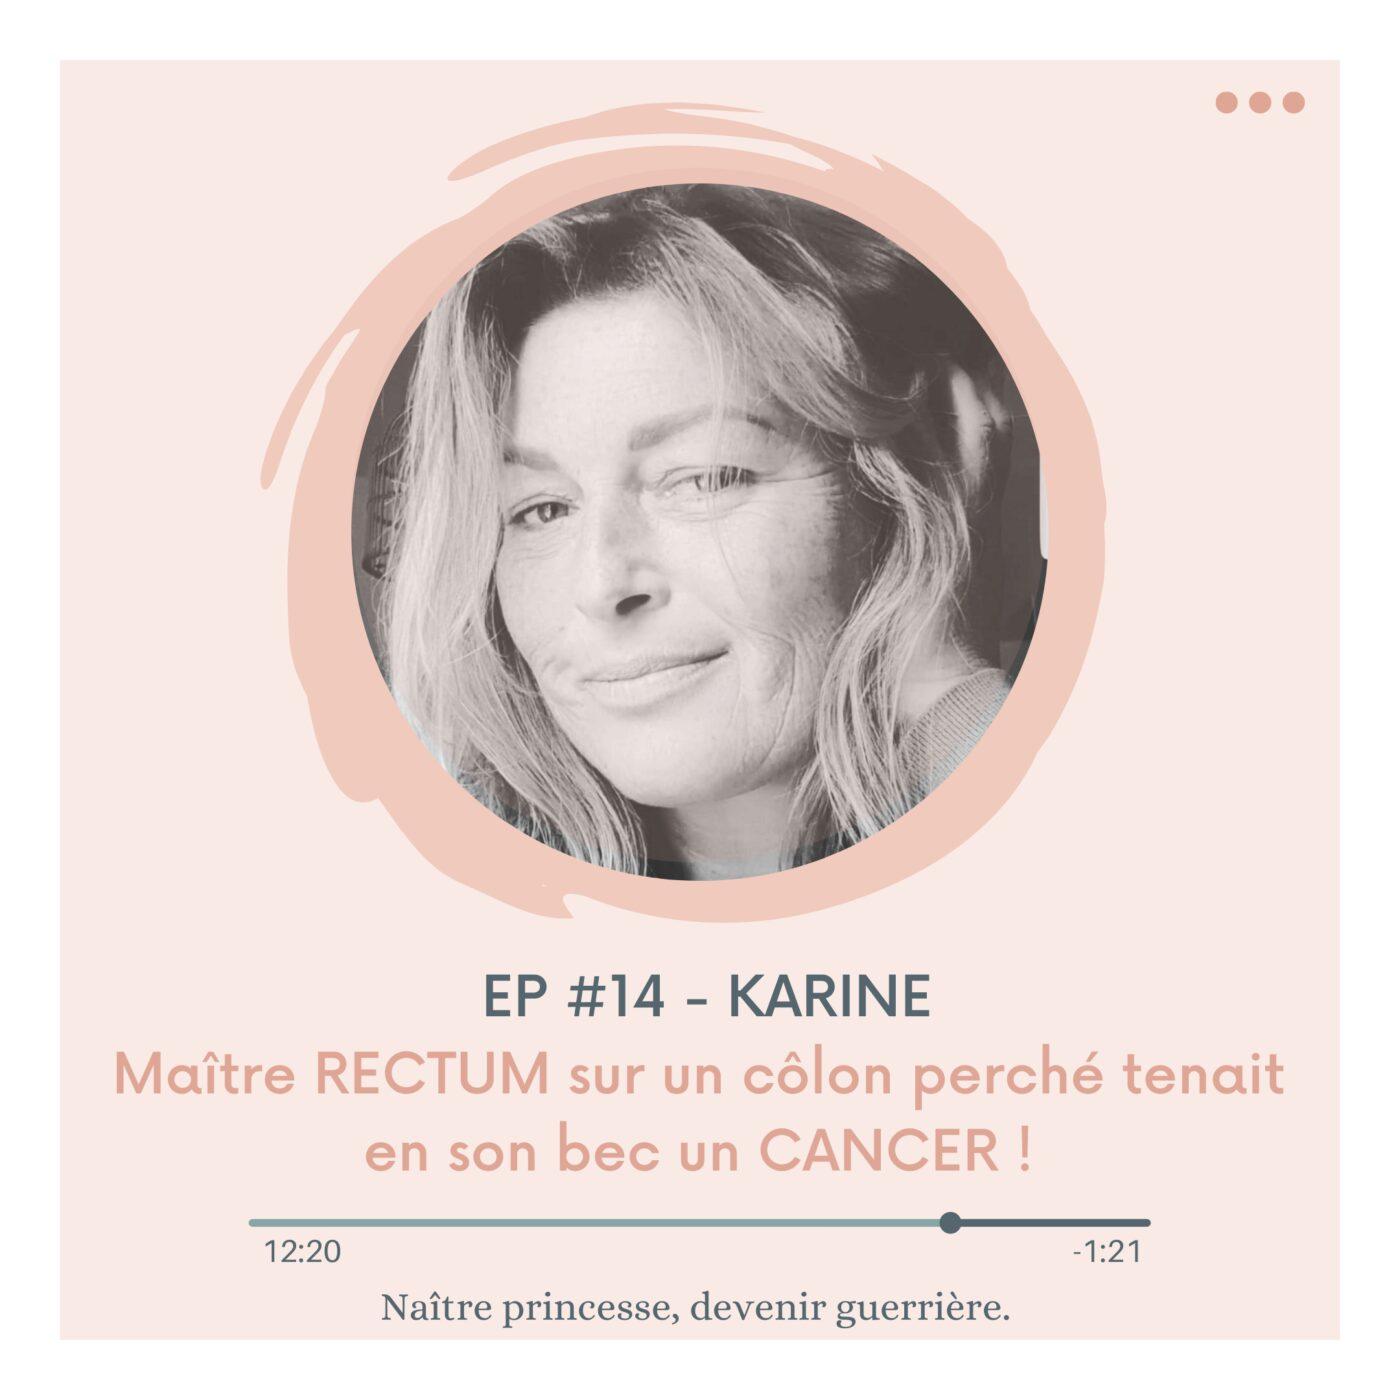 EP#14 - MAÎTRE RECTUM SUR UN CÔLON PERCHÉ TENAIT EN SON BEC UN CANCER ! KARINE.